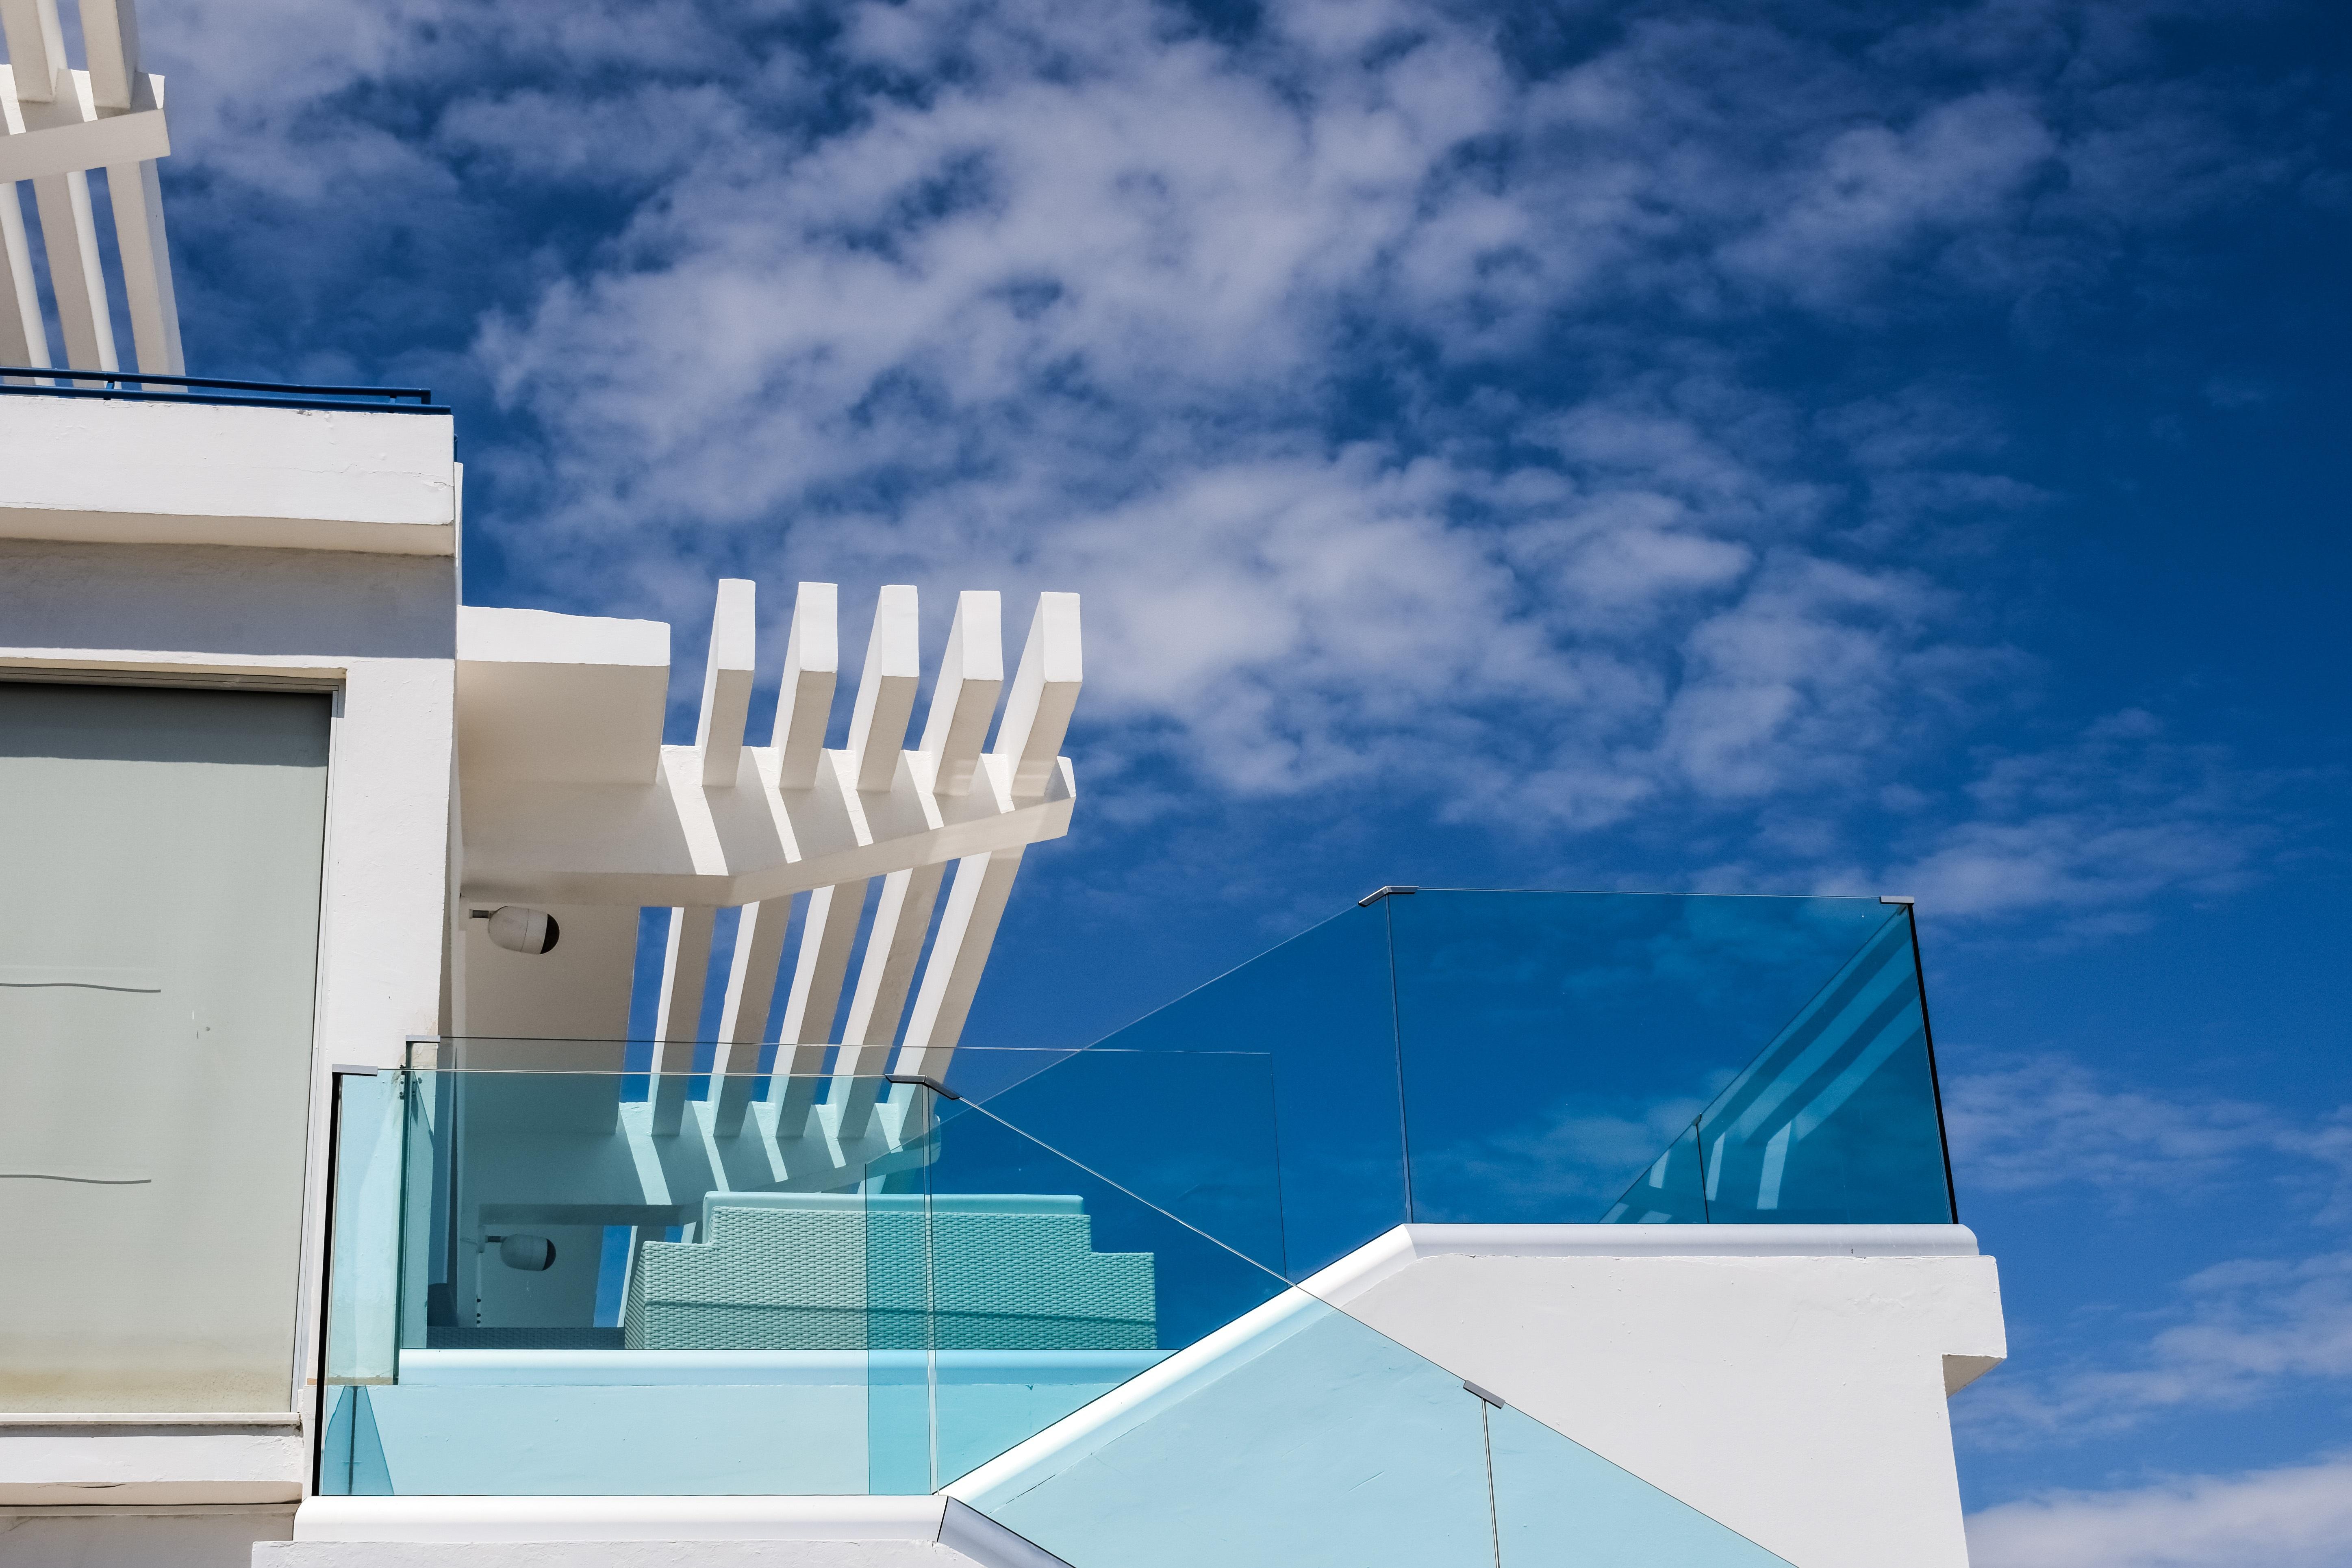 Fotos Gratis Arquitectura Cielo Casa Vaso Techo